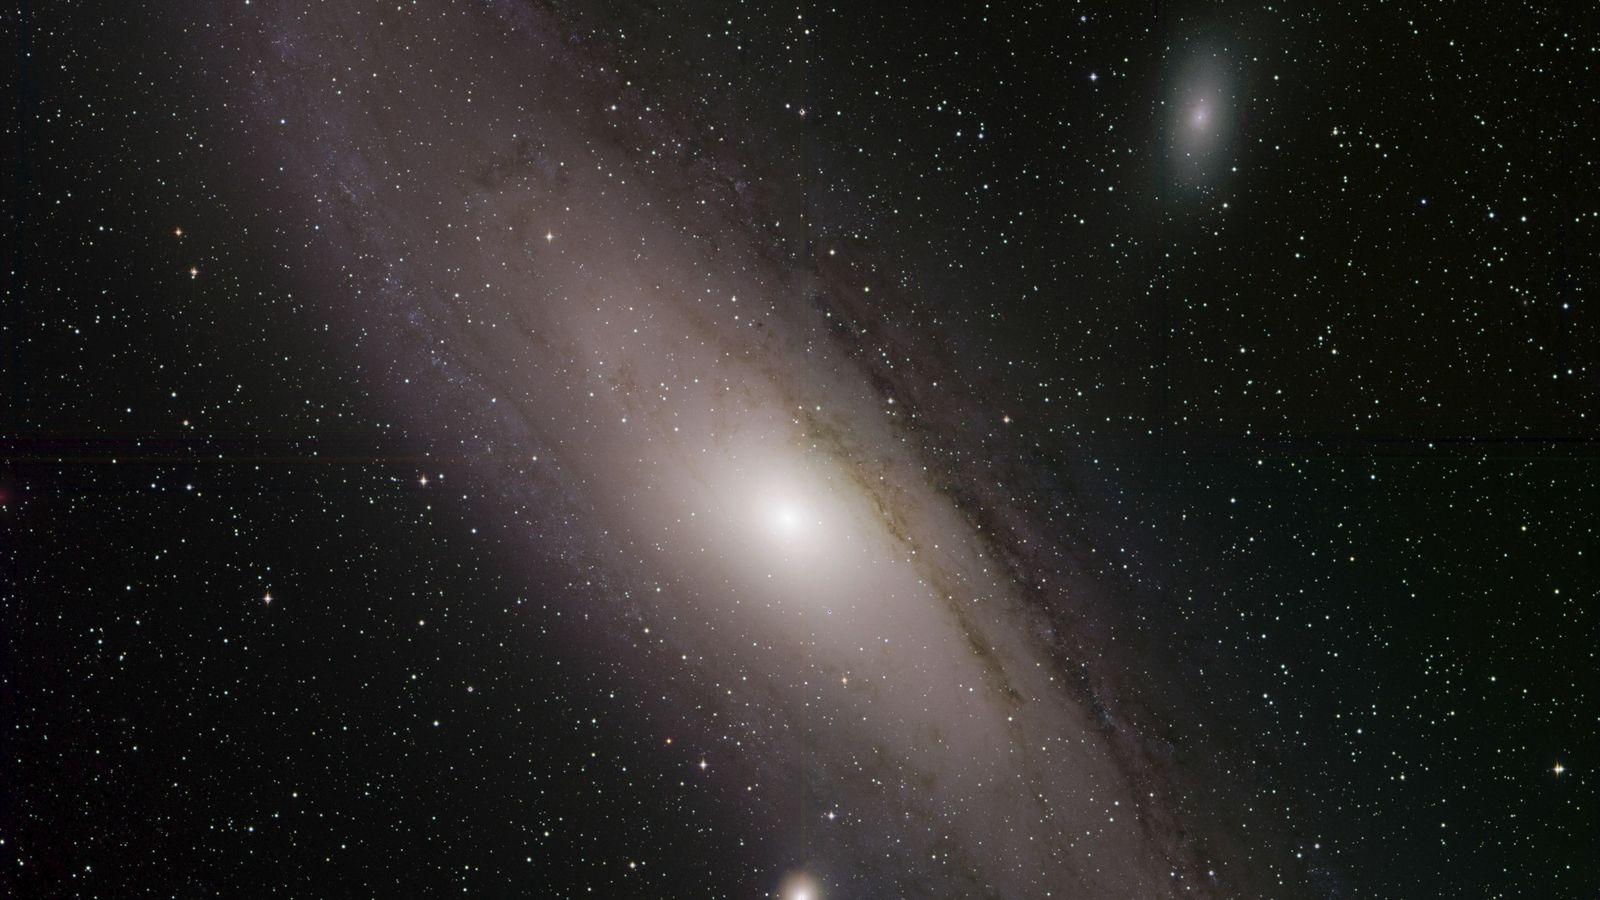 A galáxia de Andrômeda, também conhecida como Messier 31, brilha em uma imagem divulgada recentemente pela ...